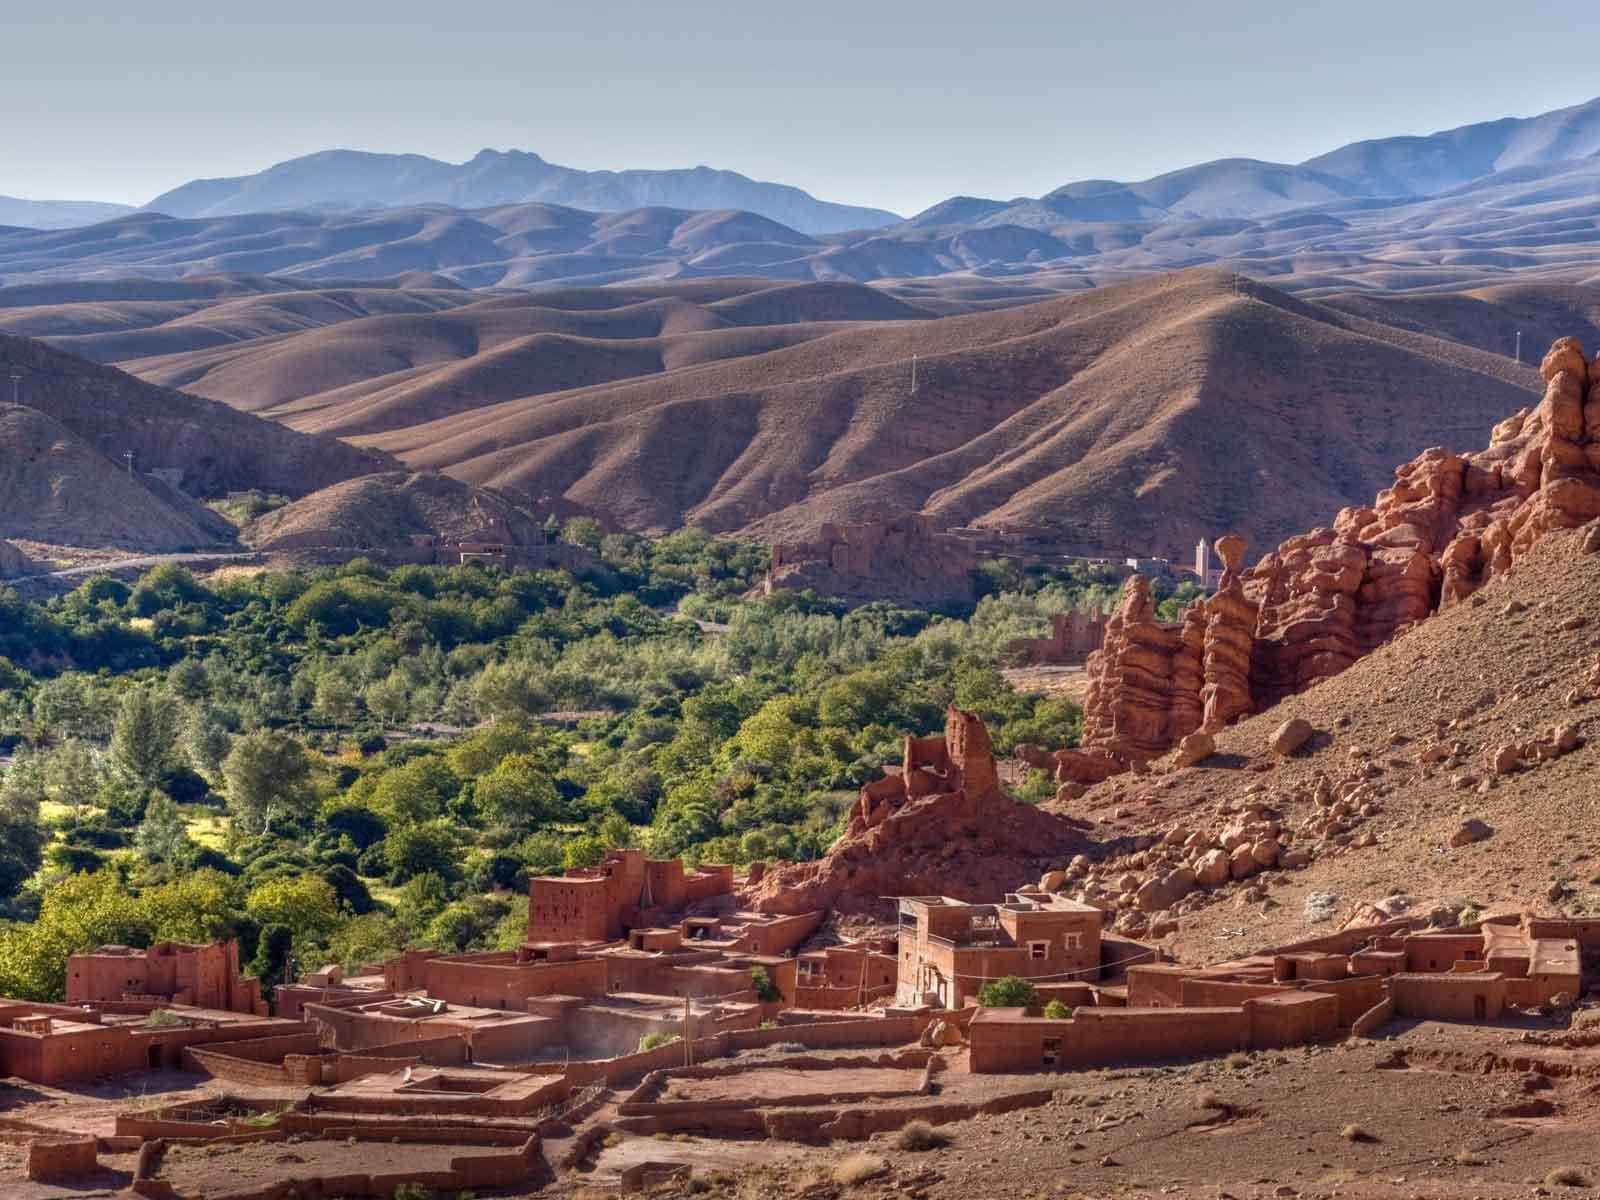 2 day Sahara desert trip from Marrakech